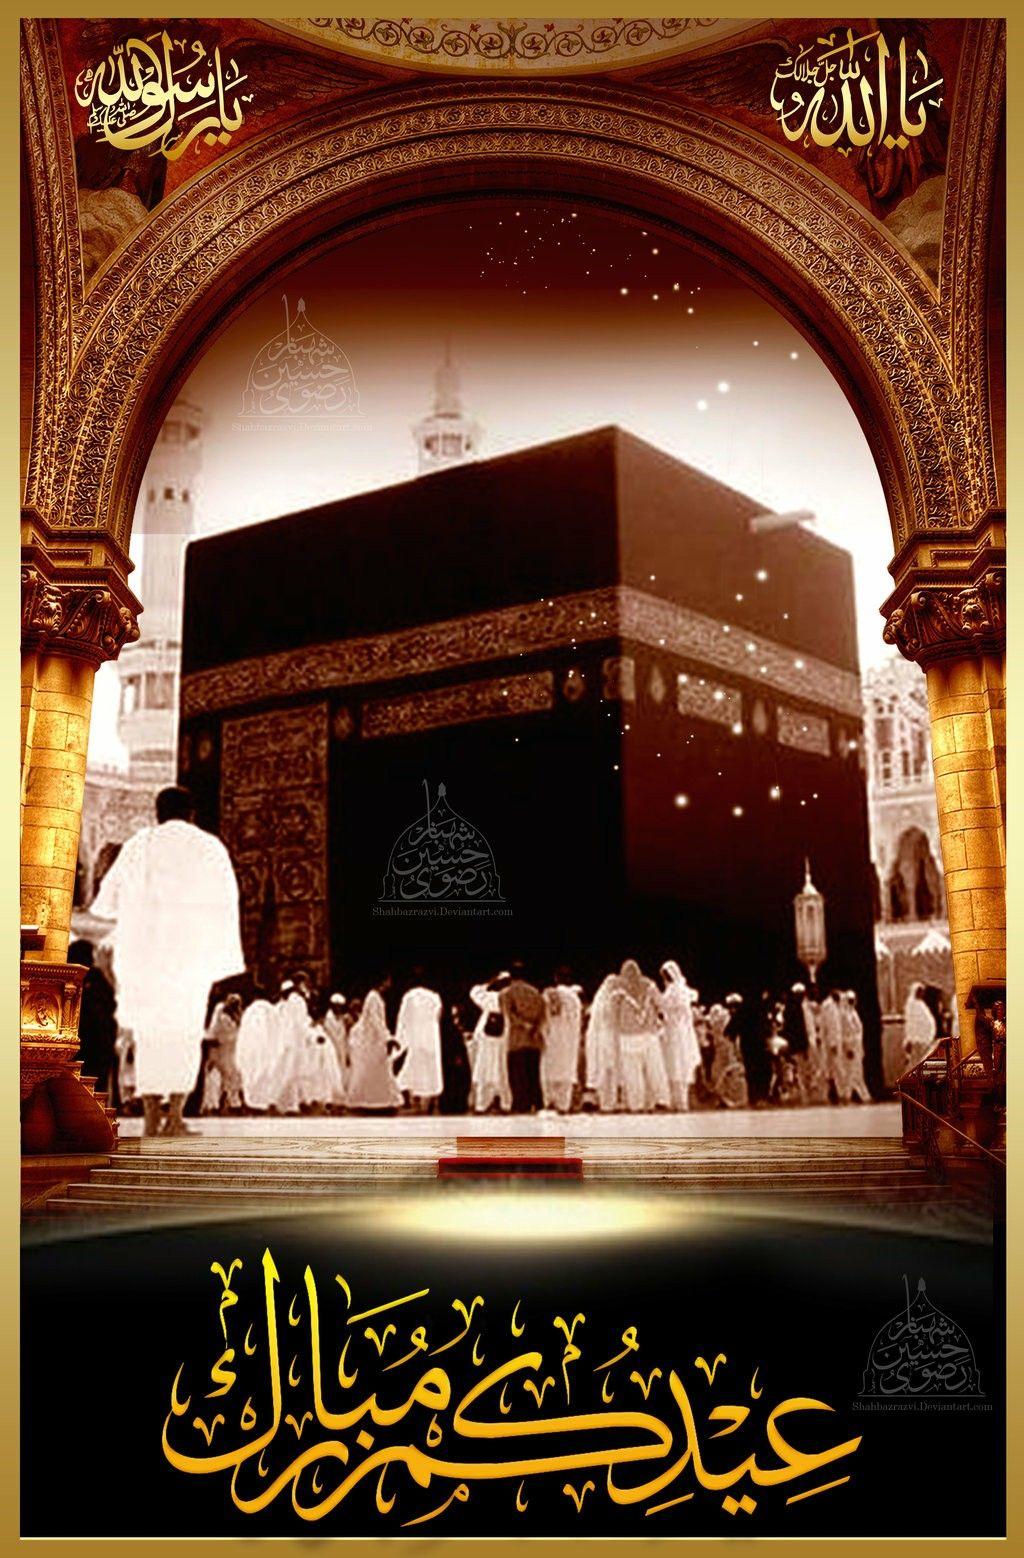 رسائل عيد الفطر واجمل مسجات تهنئة بالعيد المبارك 1434 هجري Eid Cards Cool Words Ramadan